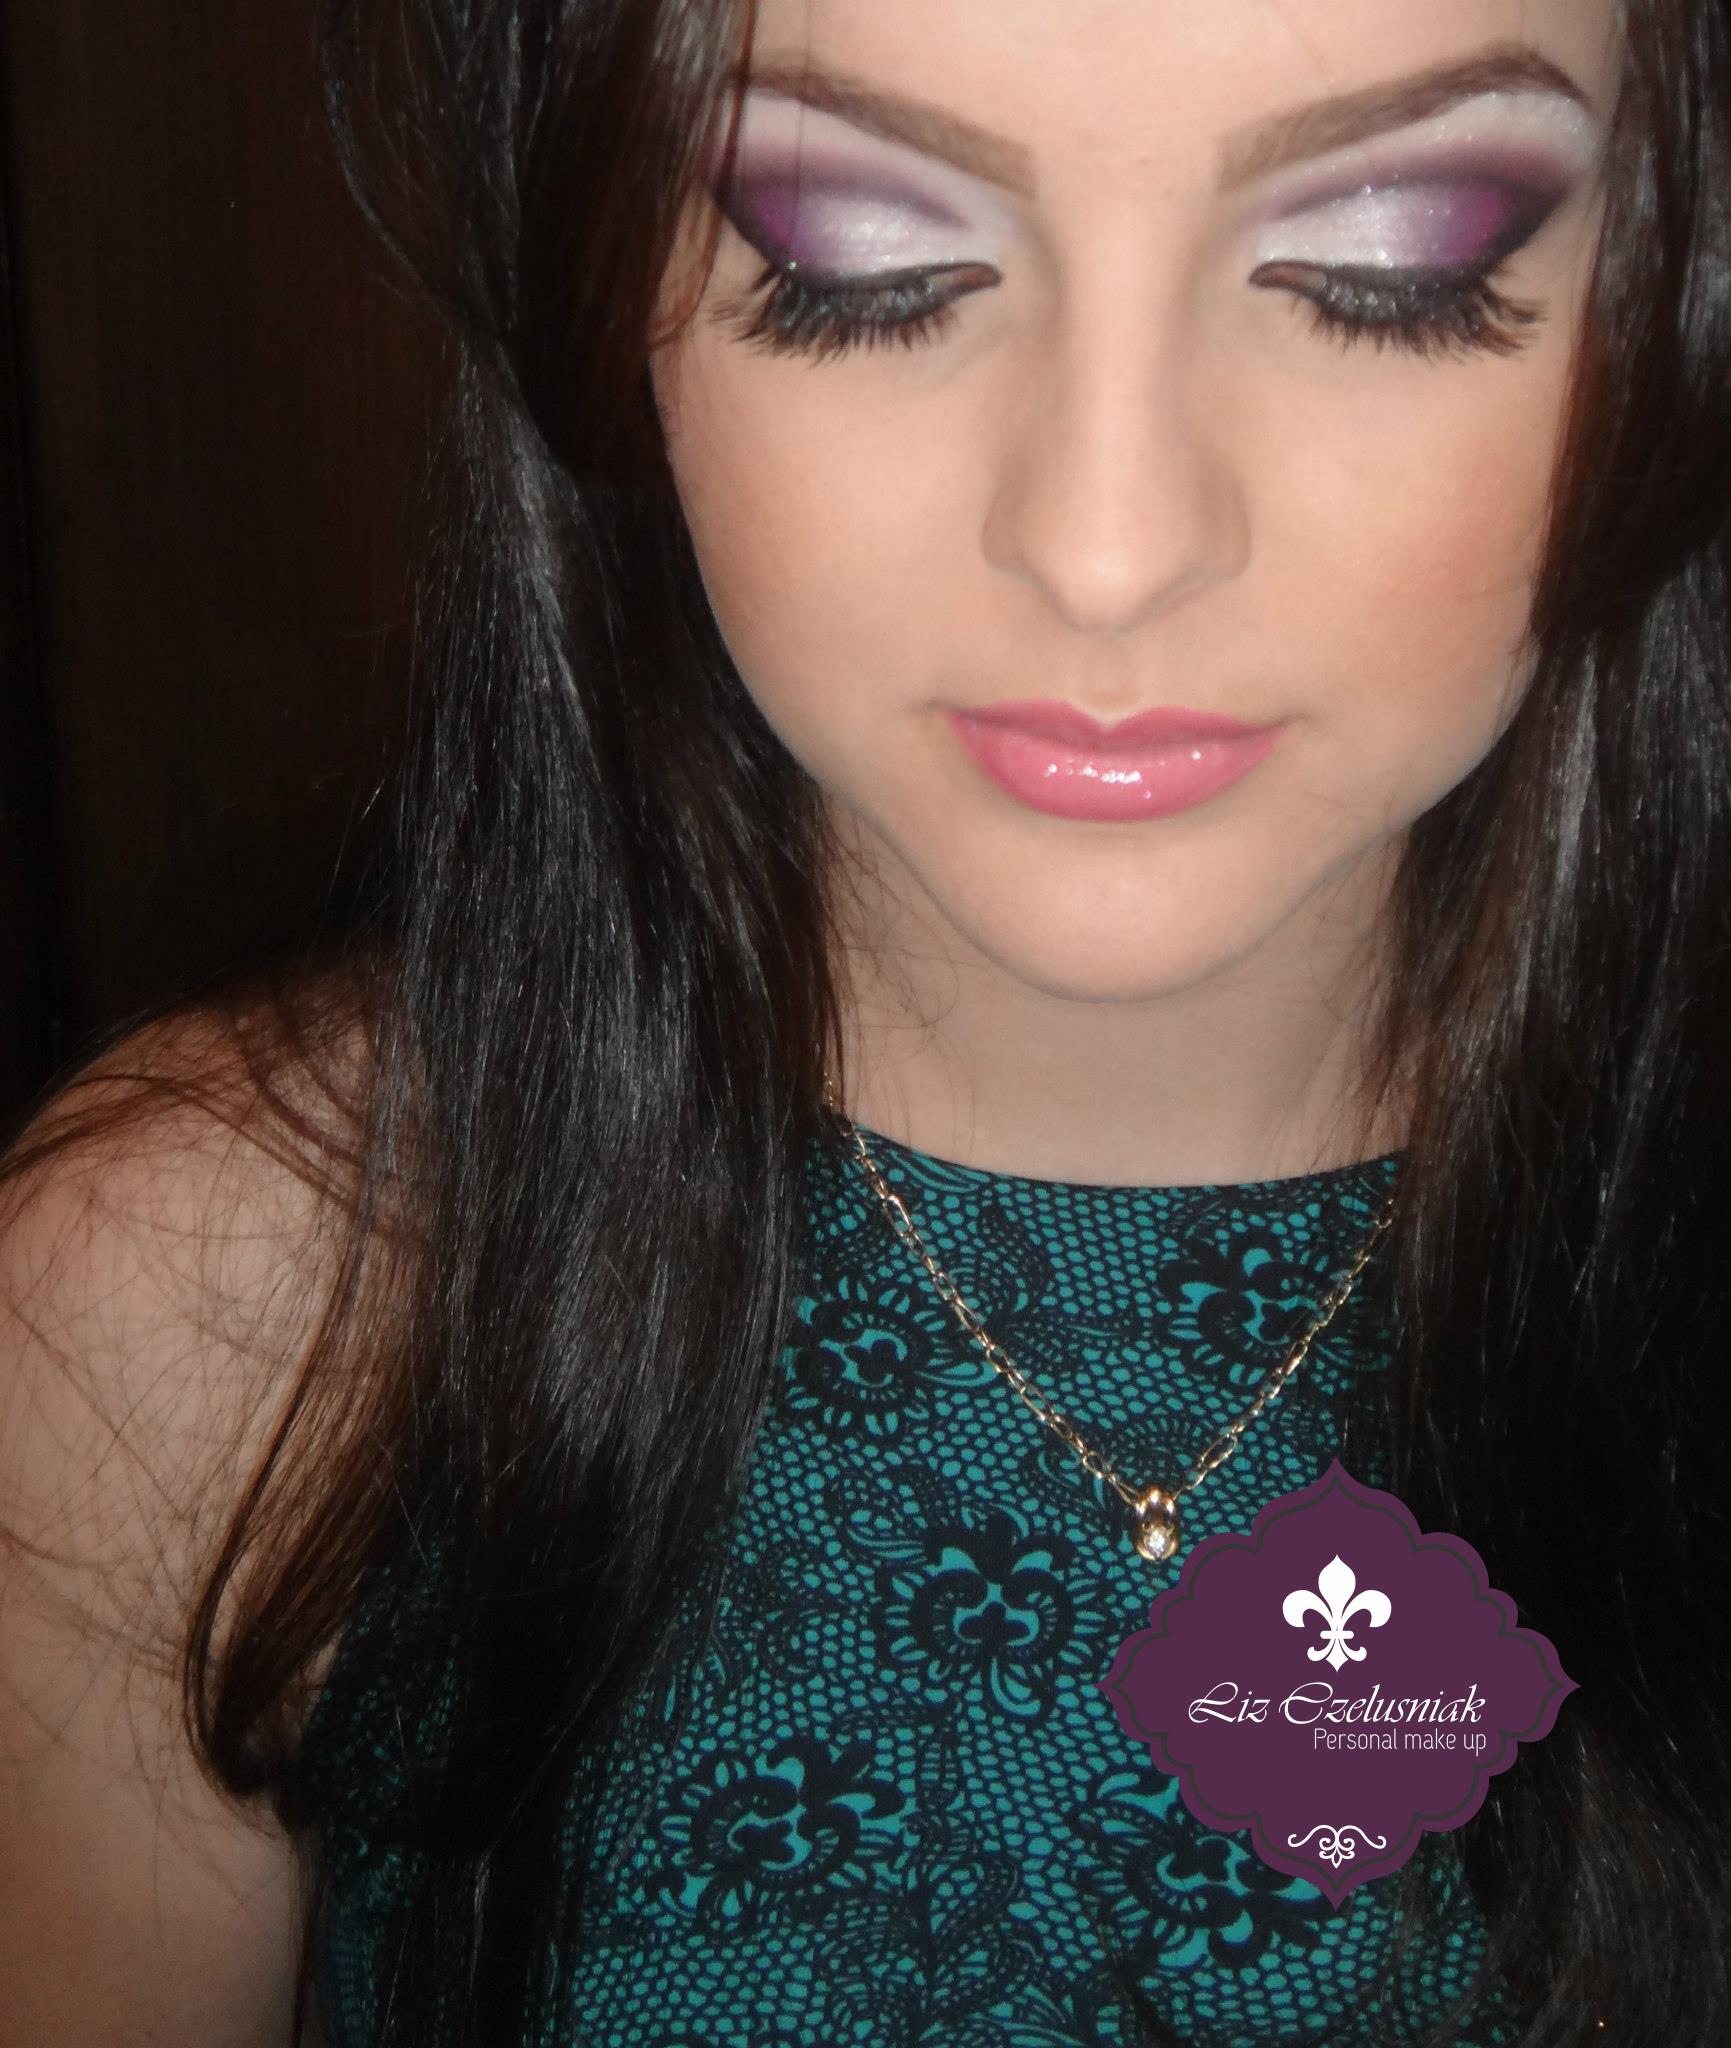 Make by Liz Czelusniak Make#Esfumado#Marron#Vinho#Rosa#Prata#Branco#Noiva#Casamento#by#LizCzelusniak festa, ano novo, natal, balada, cut crease maquiagem  maquiador(a) cabeleireiro(a) designer de sobrancelhas